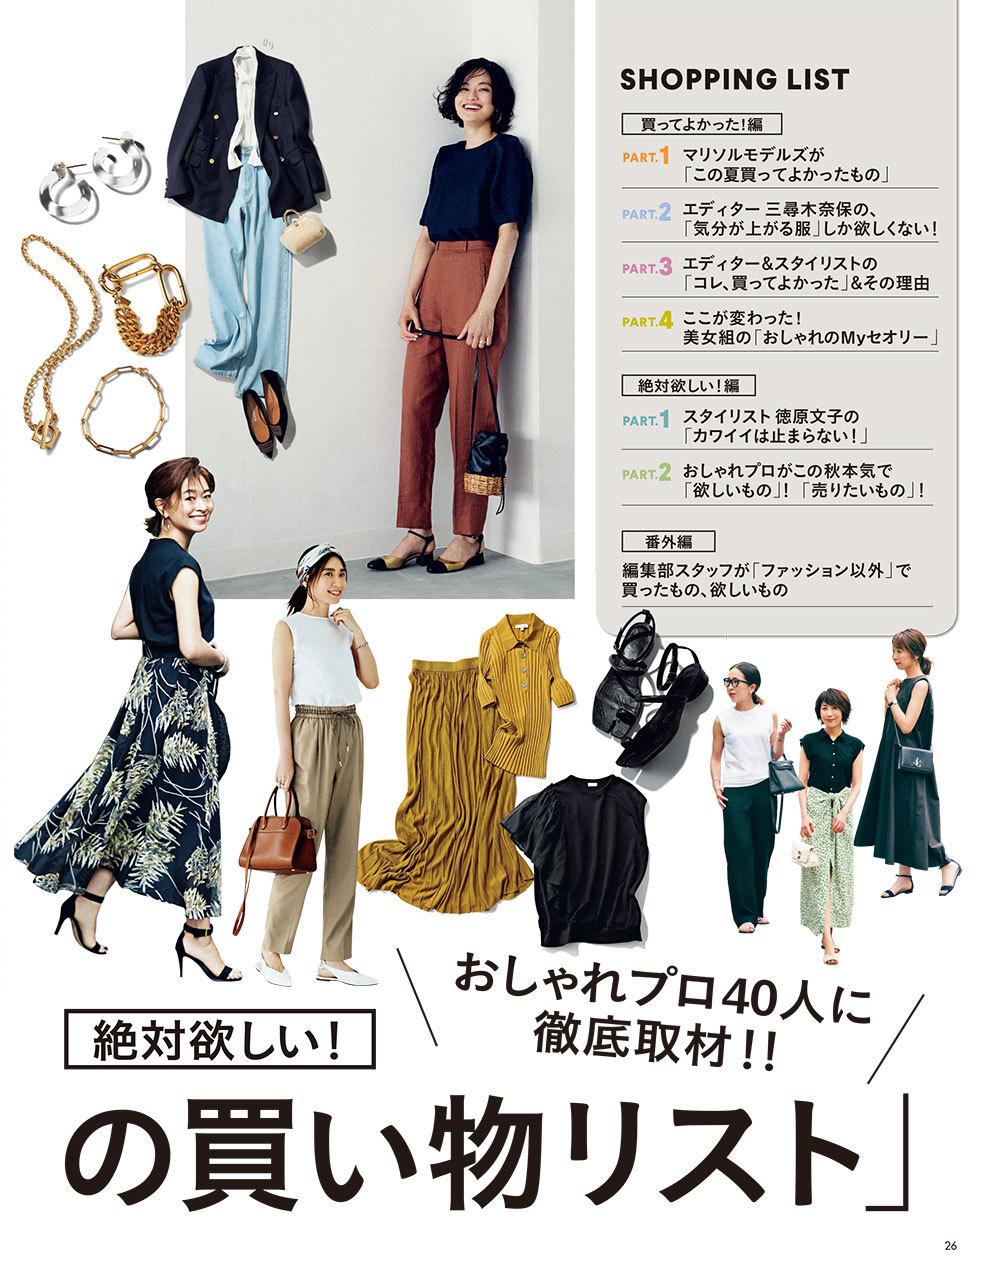 おしゃれプロ40人に徹底取材!!「アラフォー本気の買い物リスト」